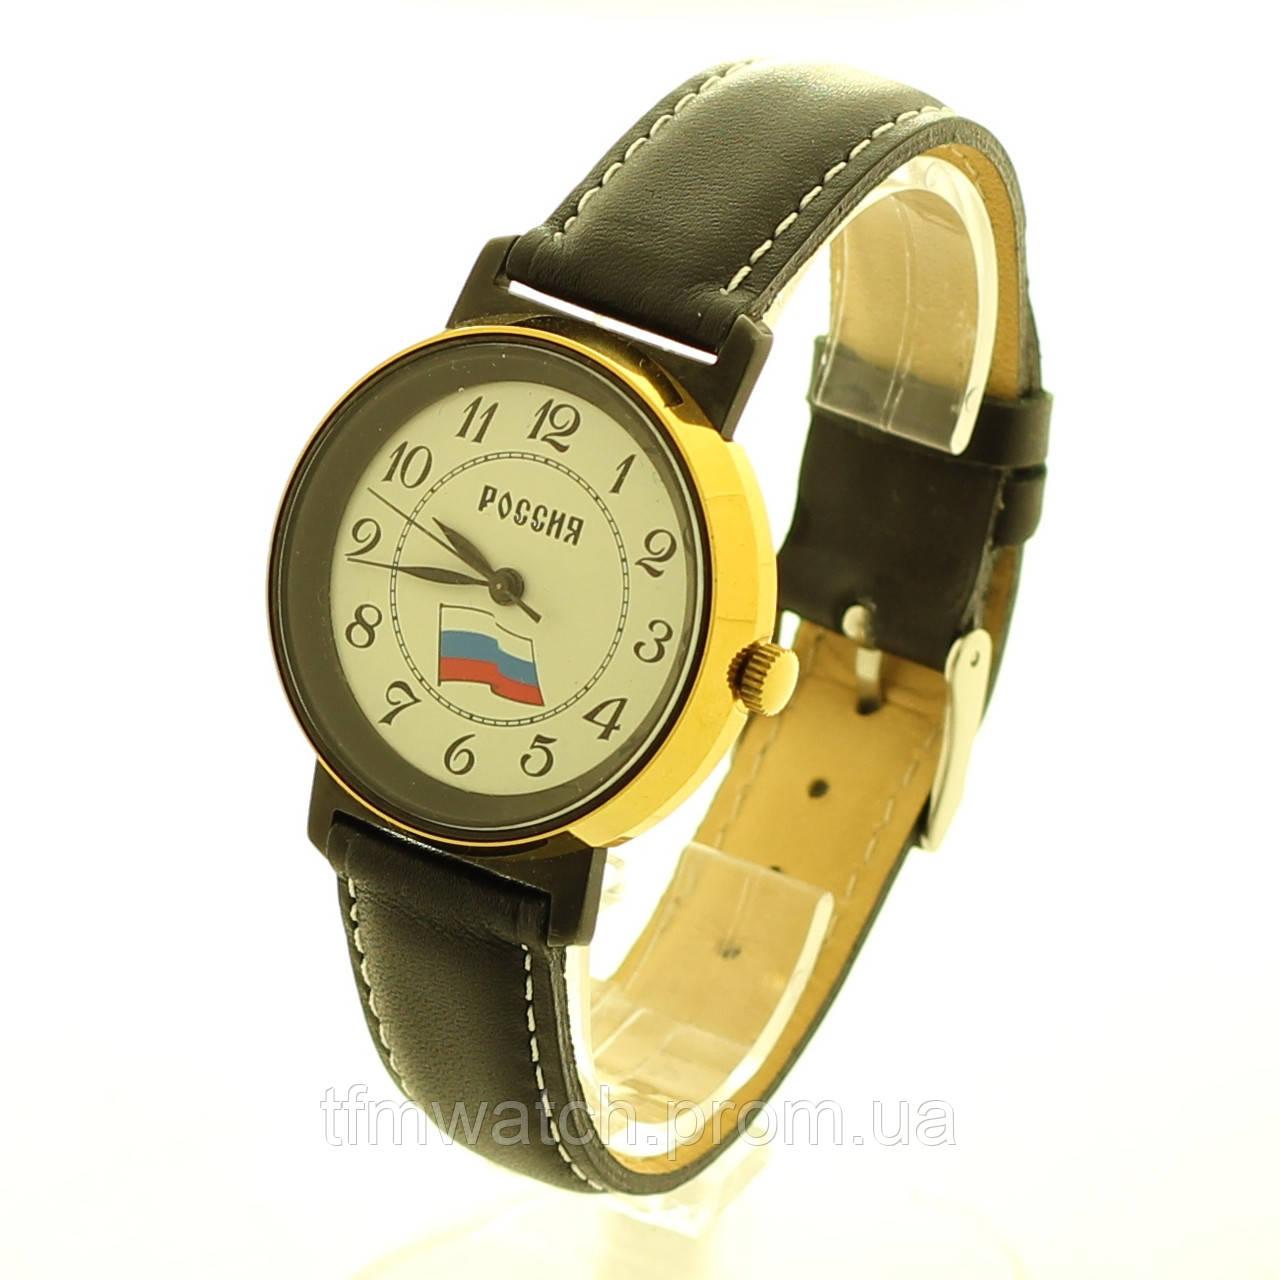 Ракета механические часы Россия